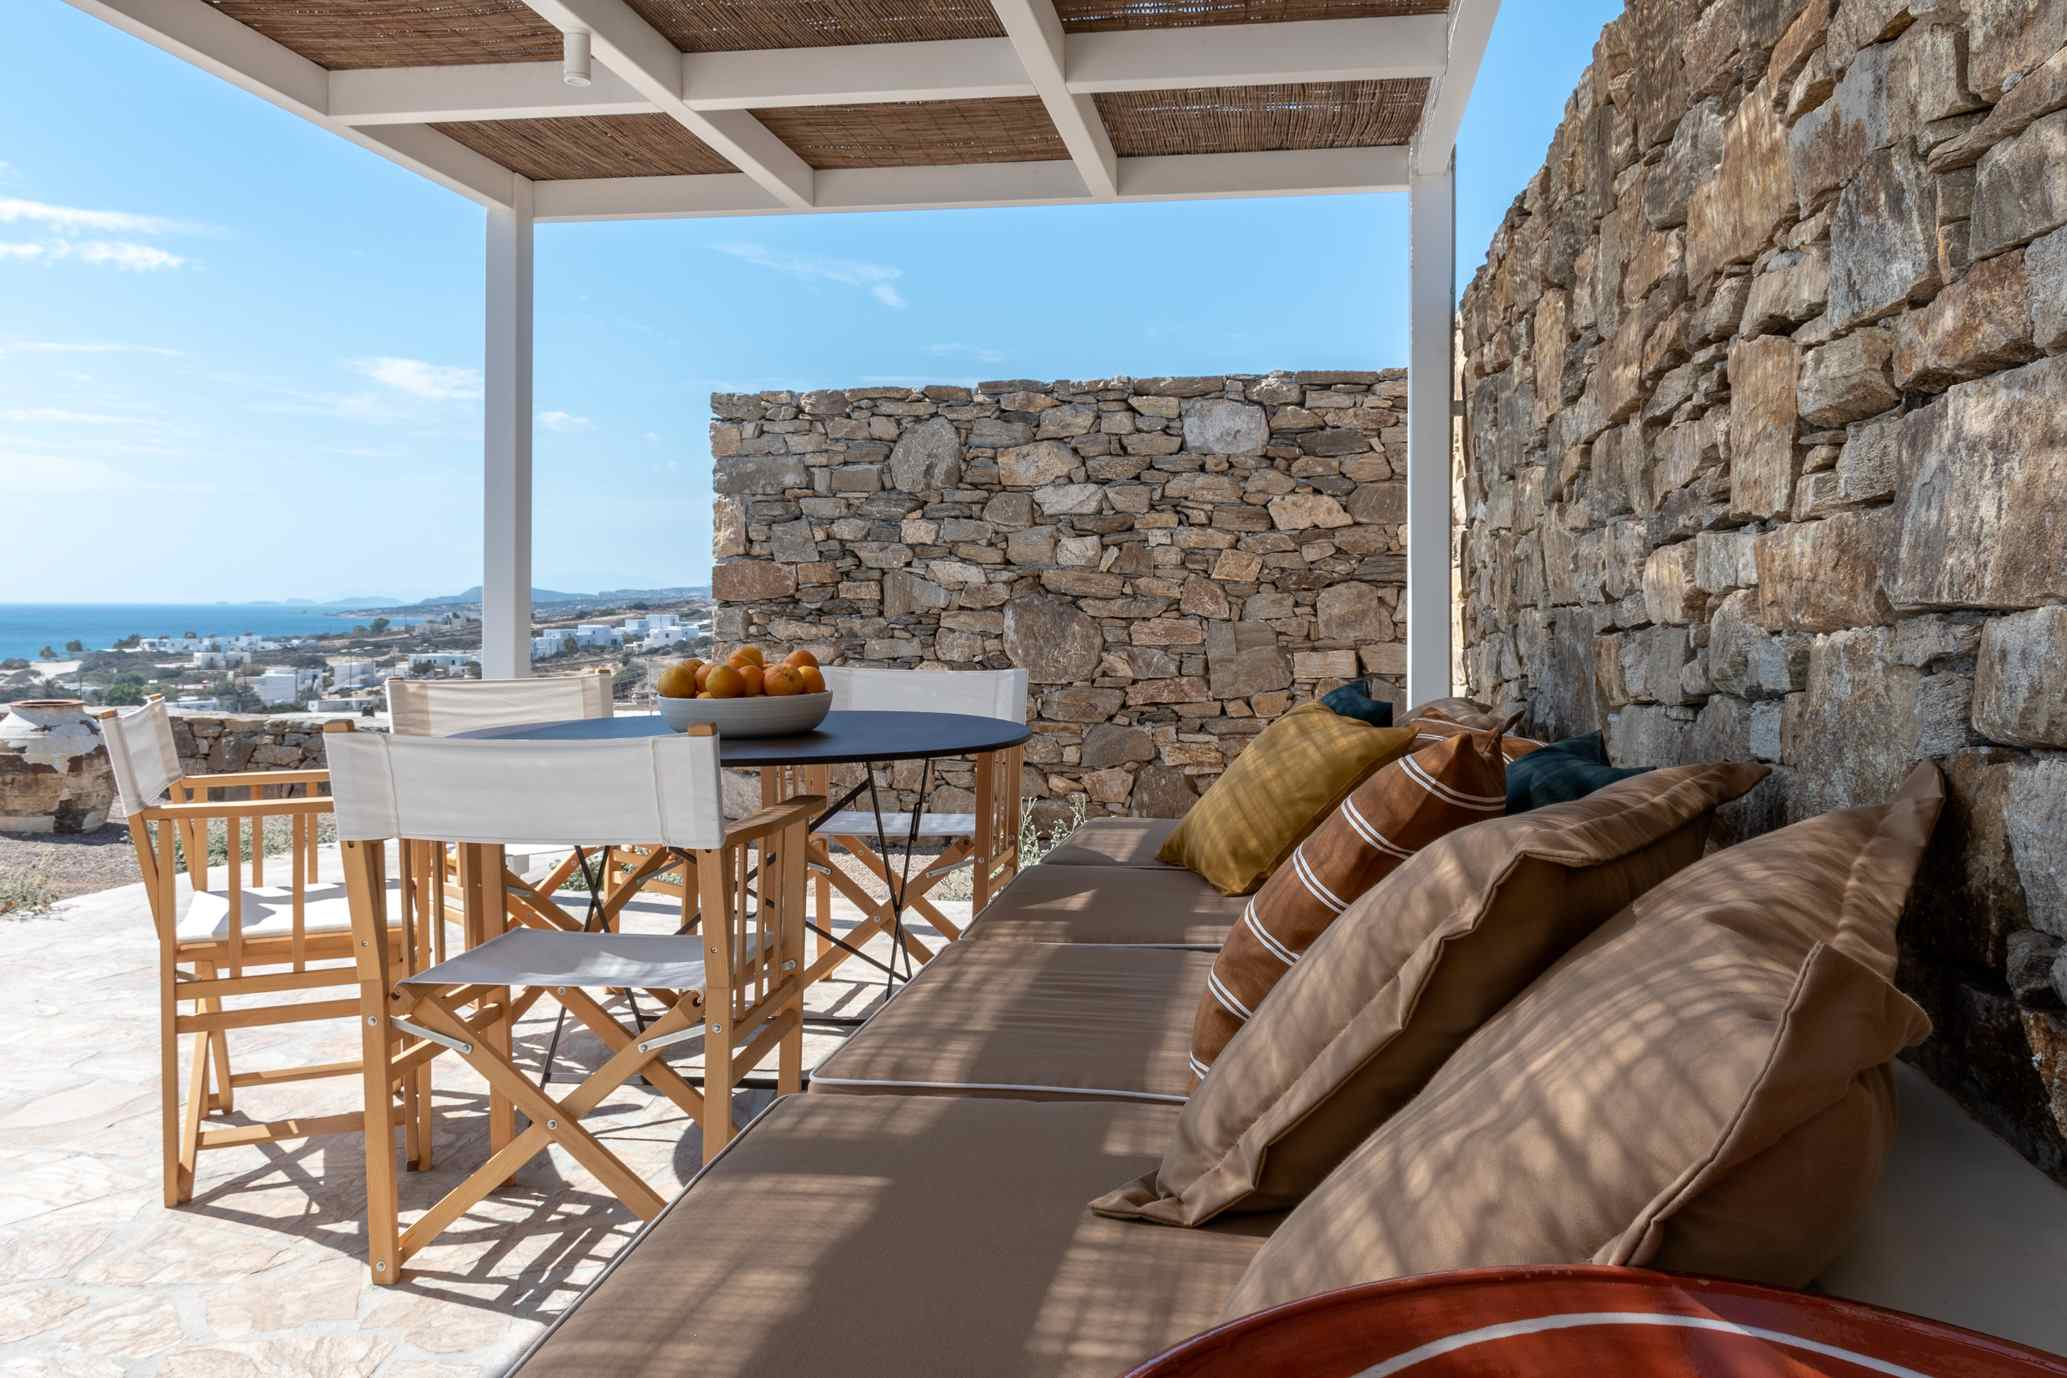 10-house-one-20180922-Stefanos-Samios-3078-HDR-E